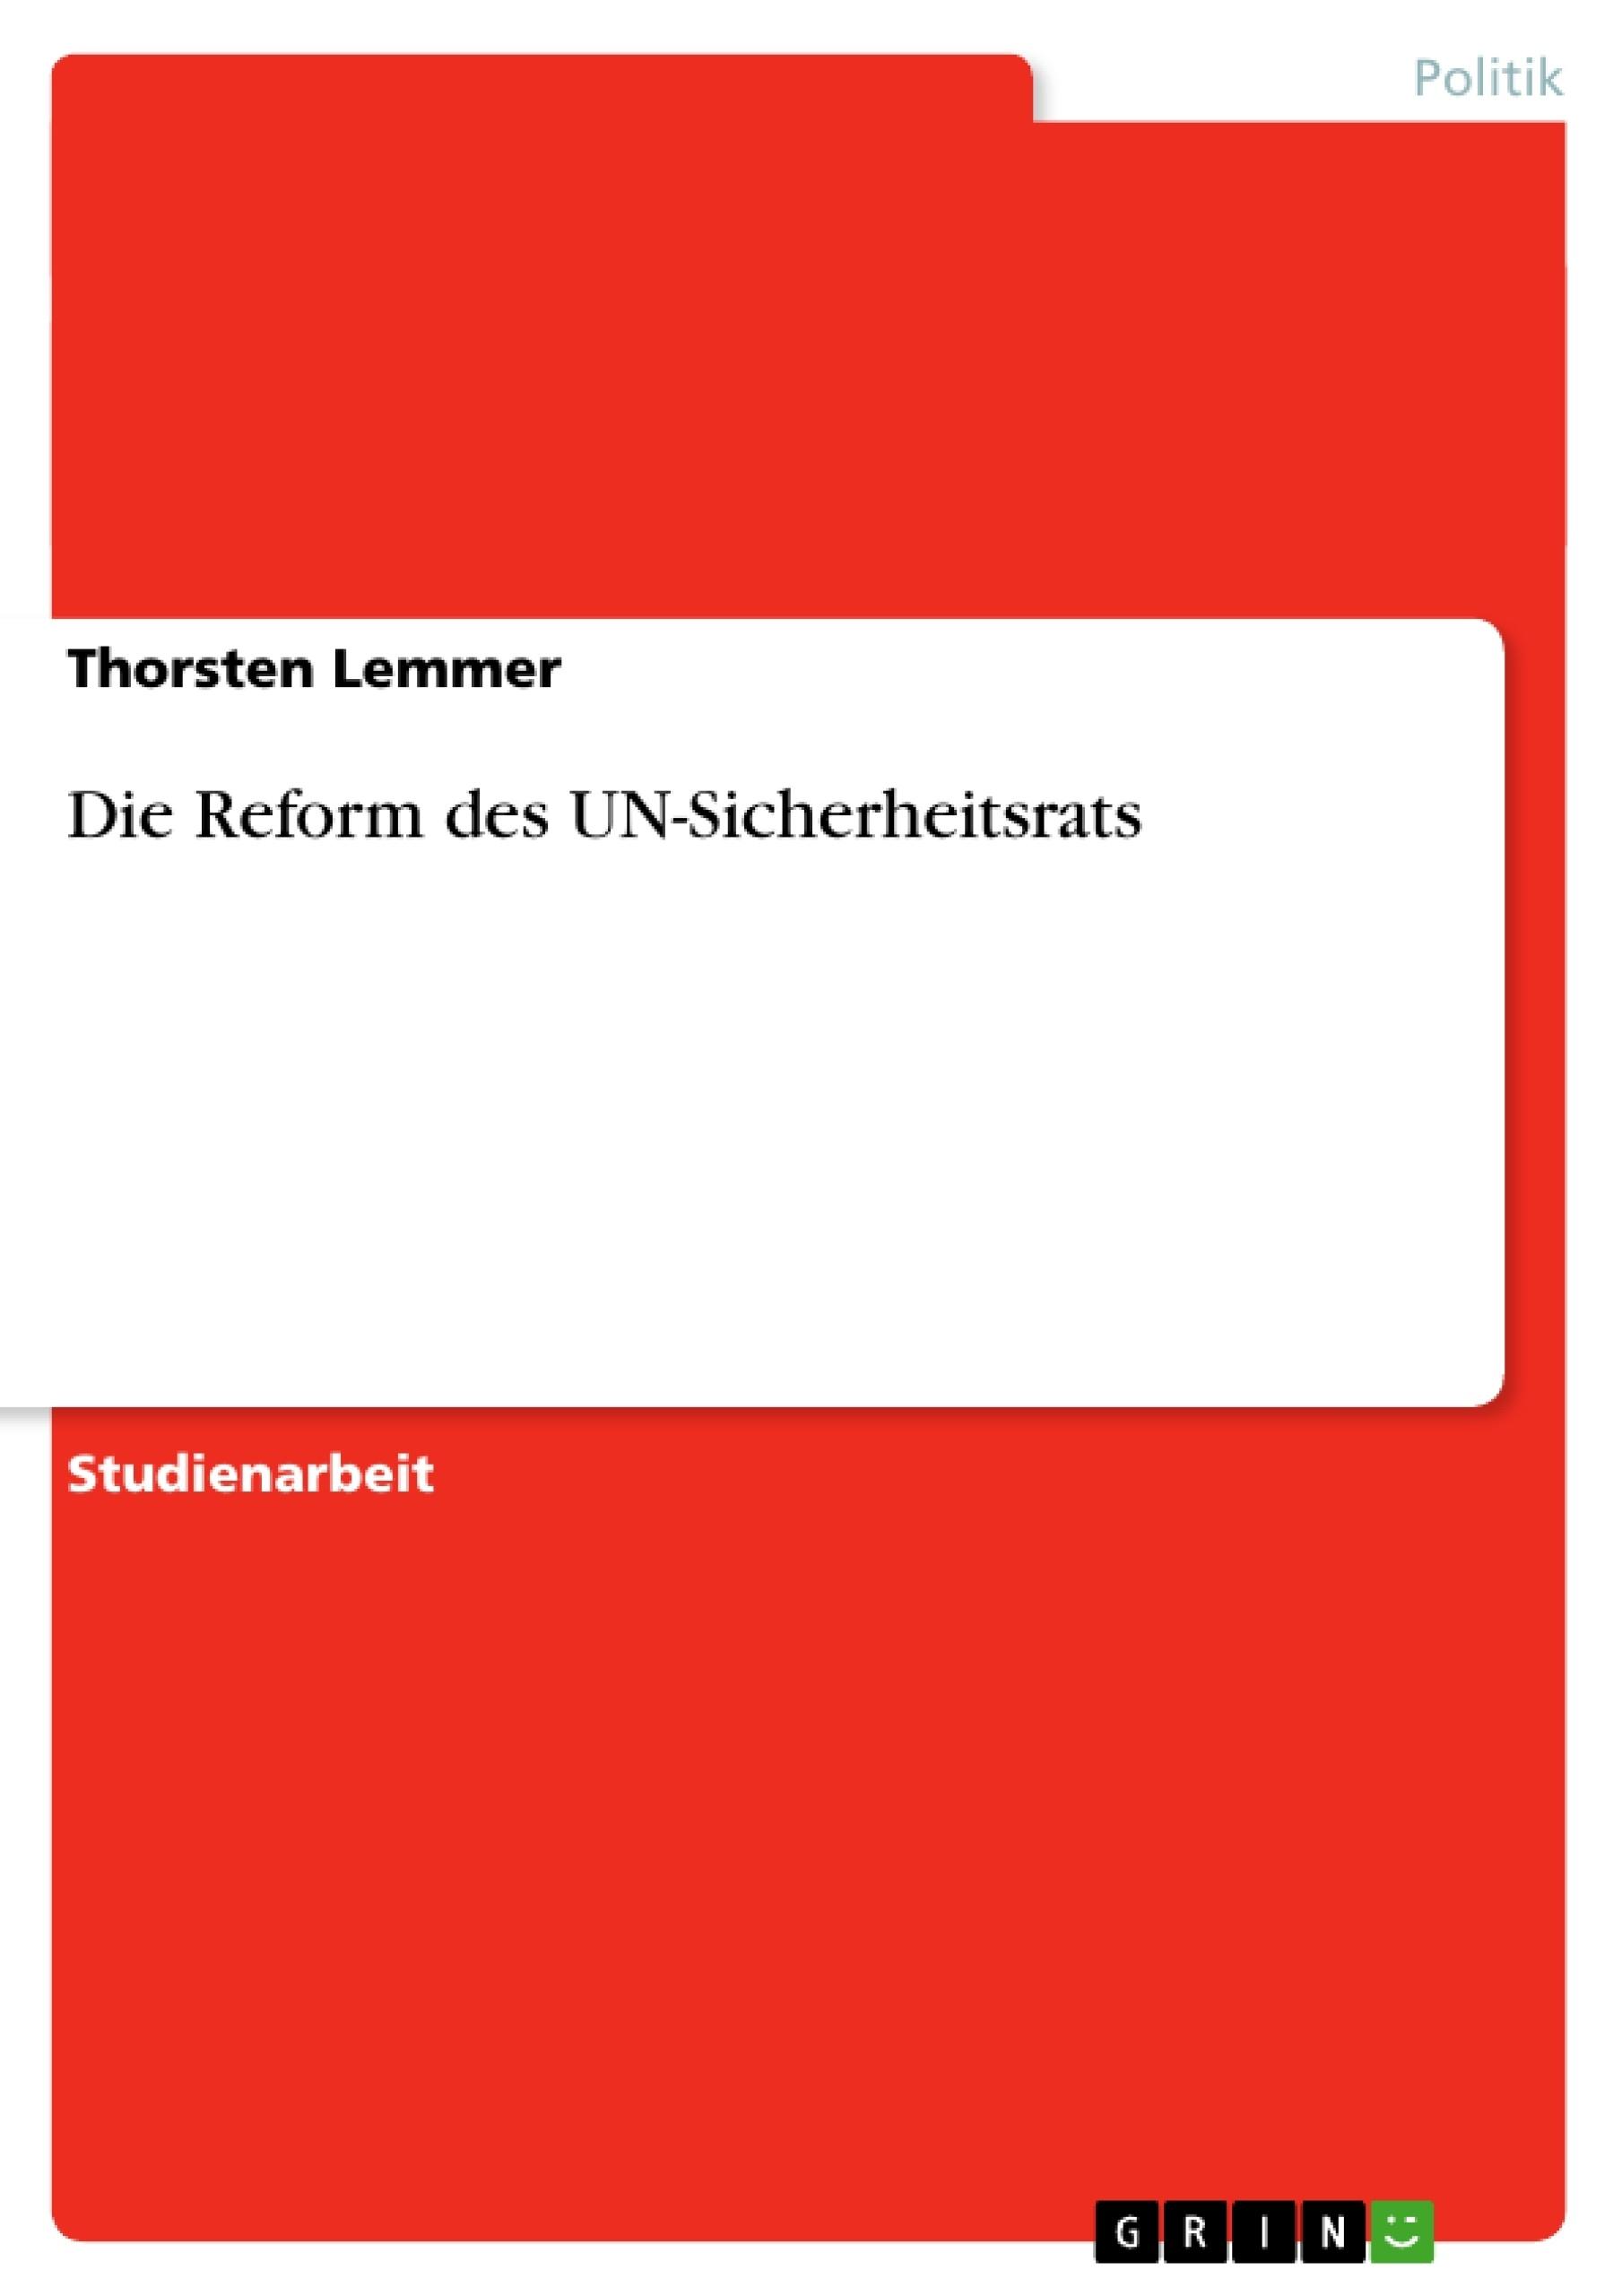 Titel: Die Reform des UN-Sicherheitsrats